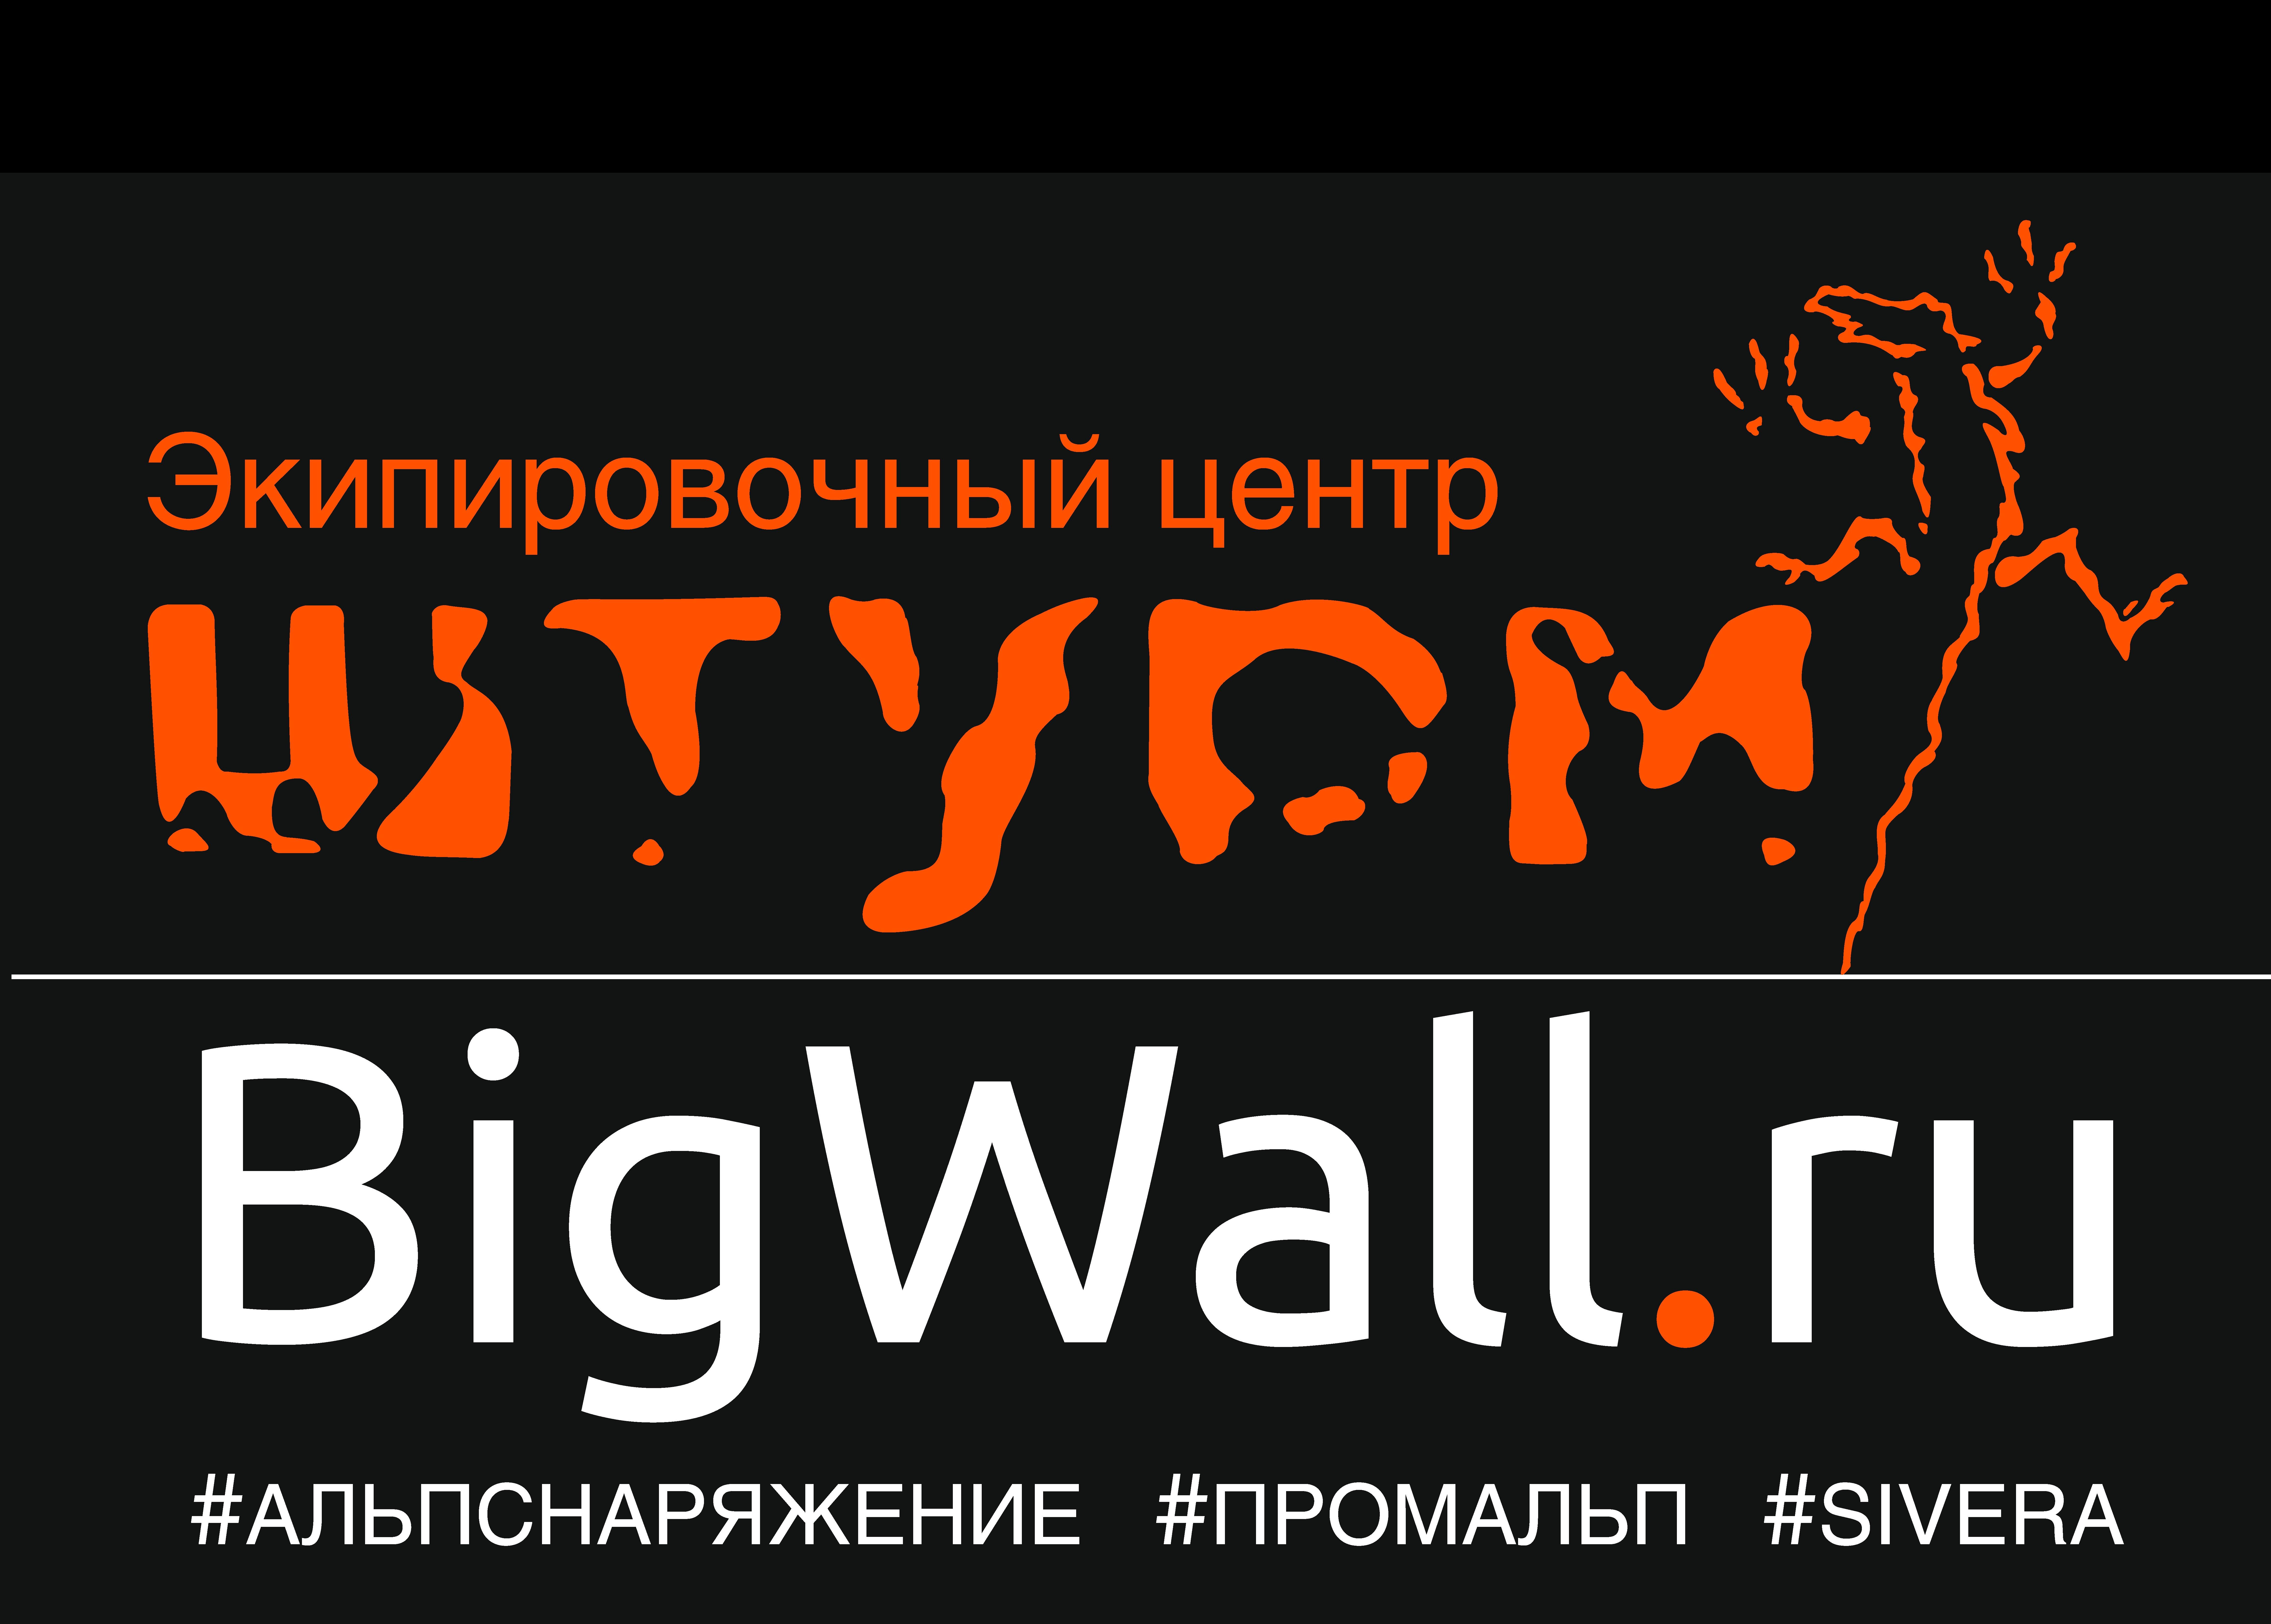 BIGWALL.RU